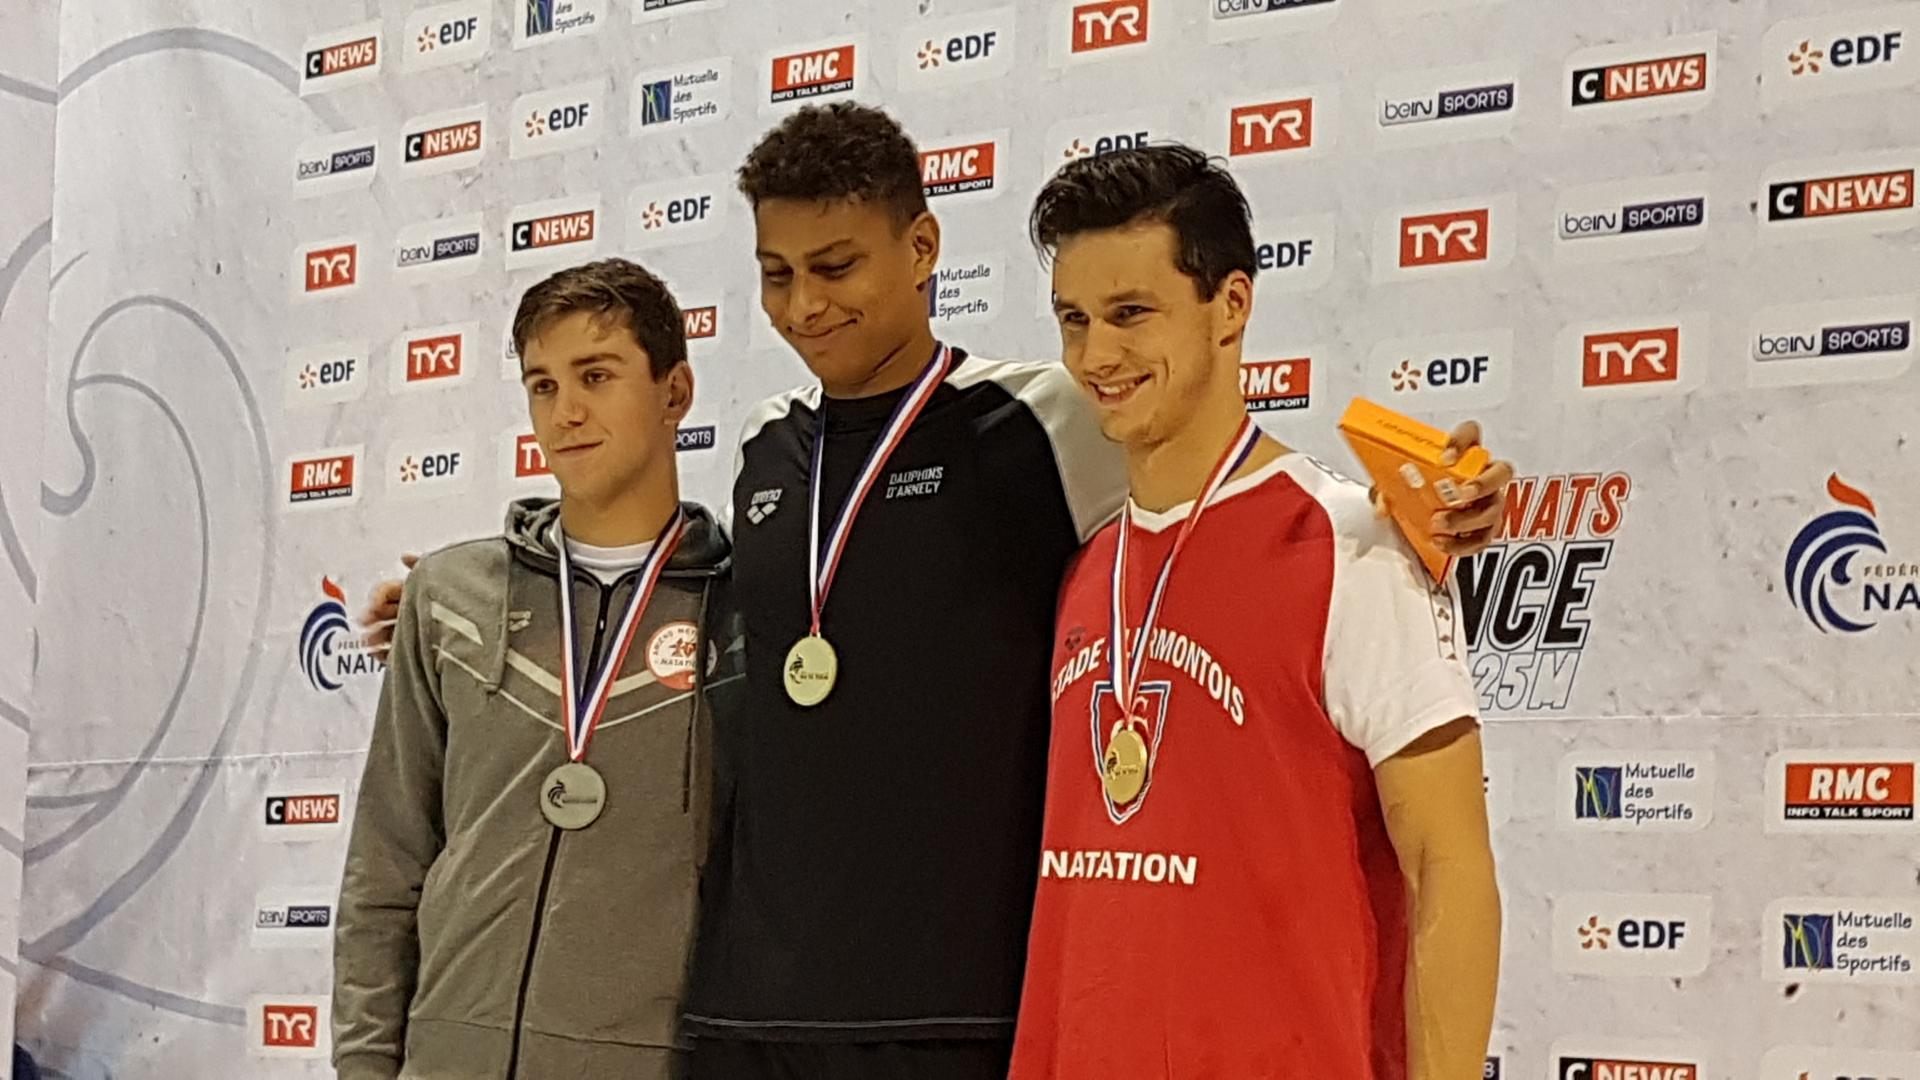 Championnats de France 25 m ANGERS